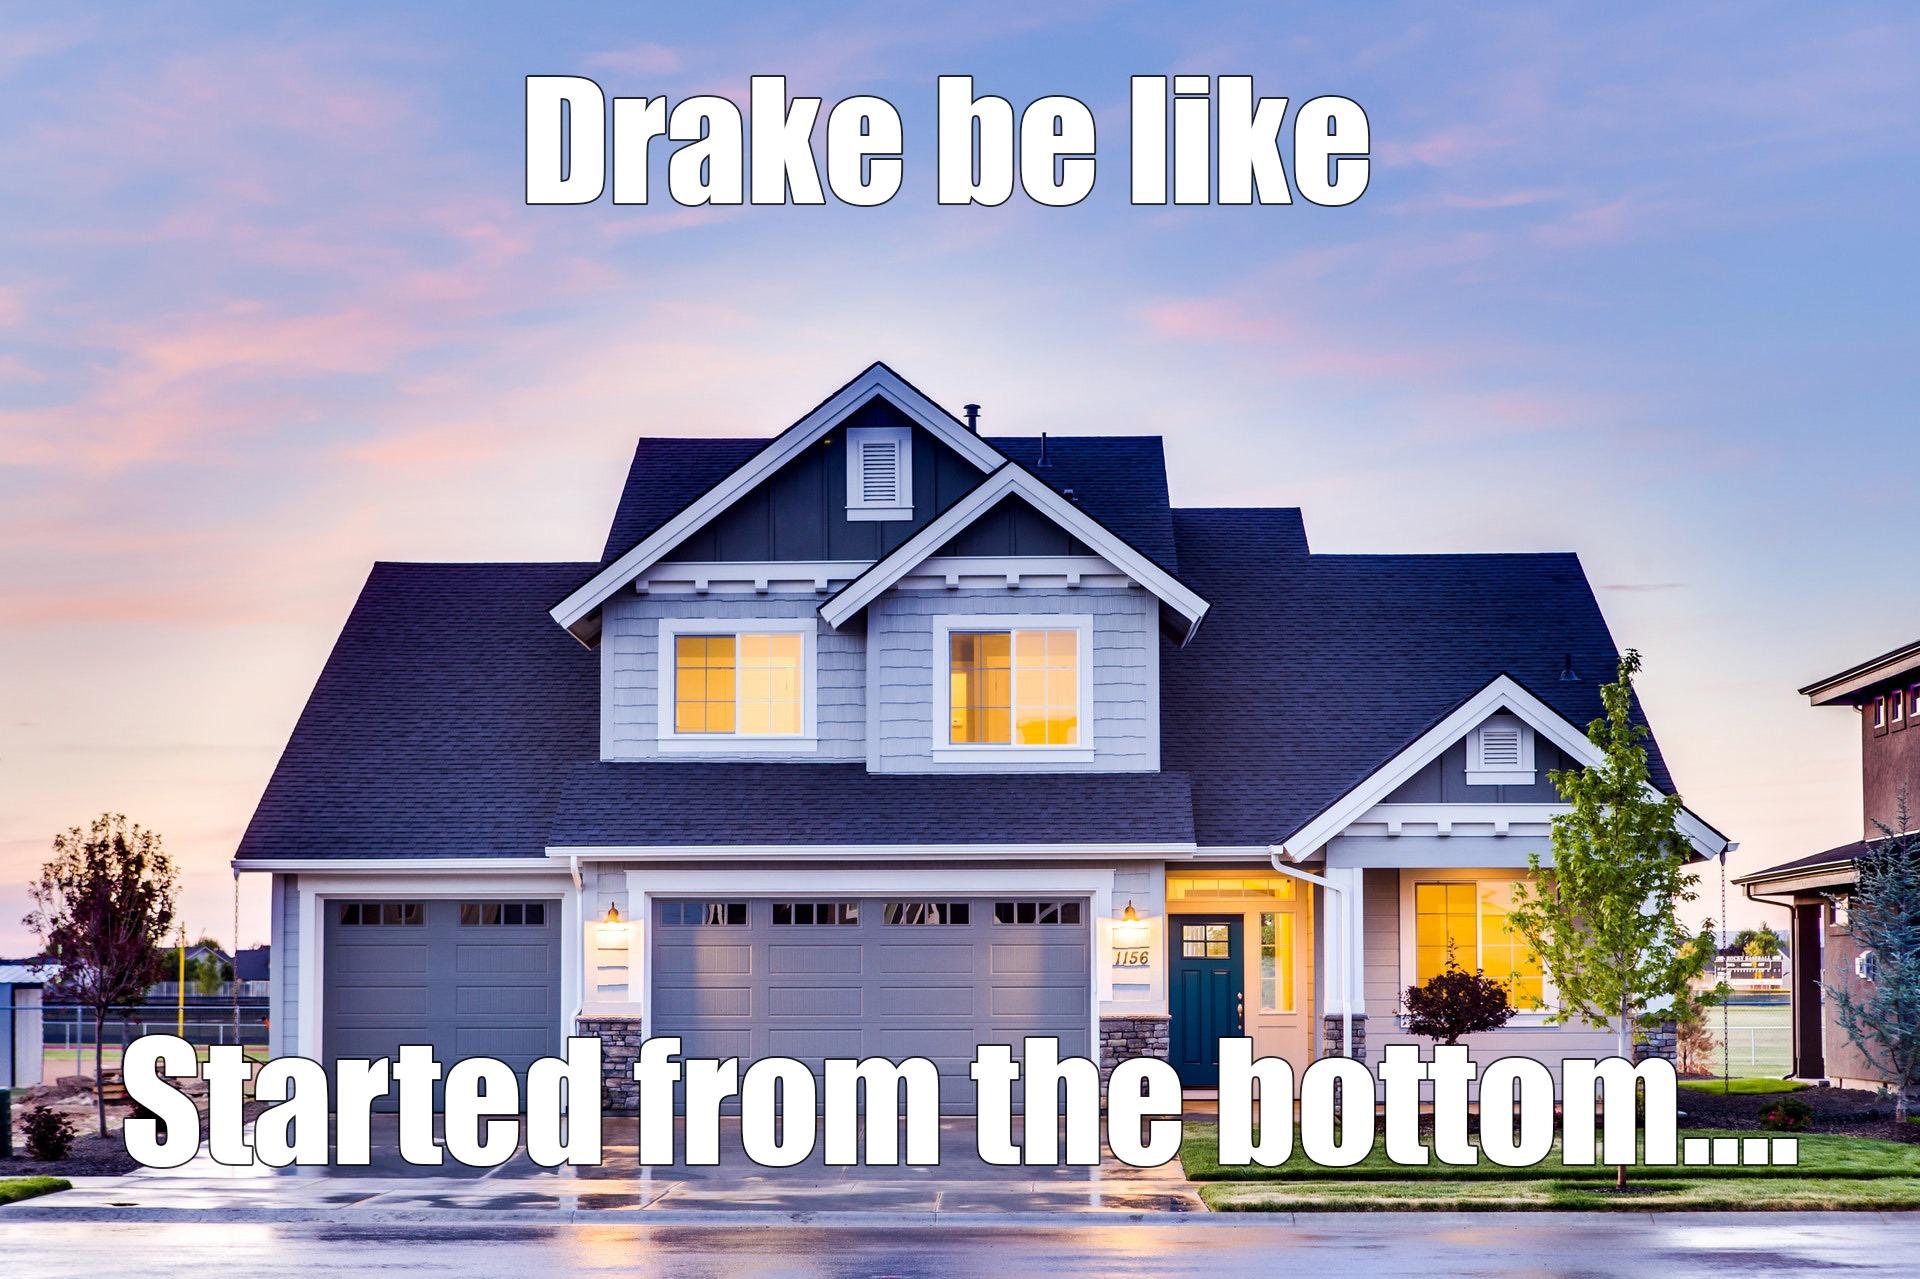 Drake be like started from the bottom meme